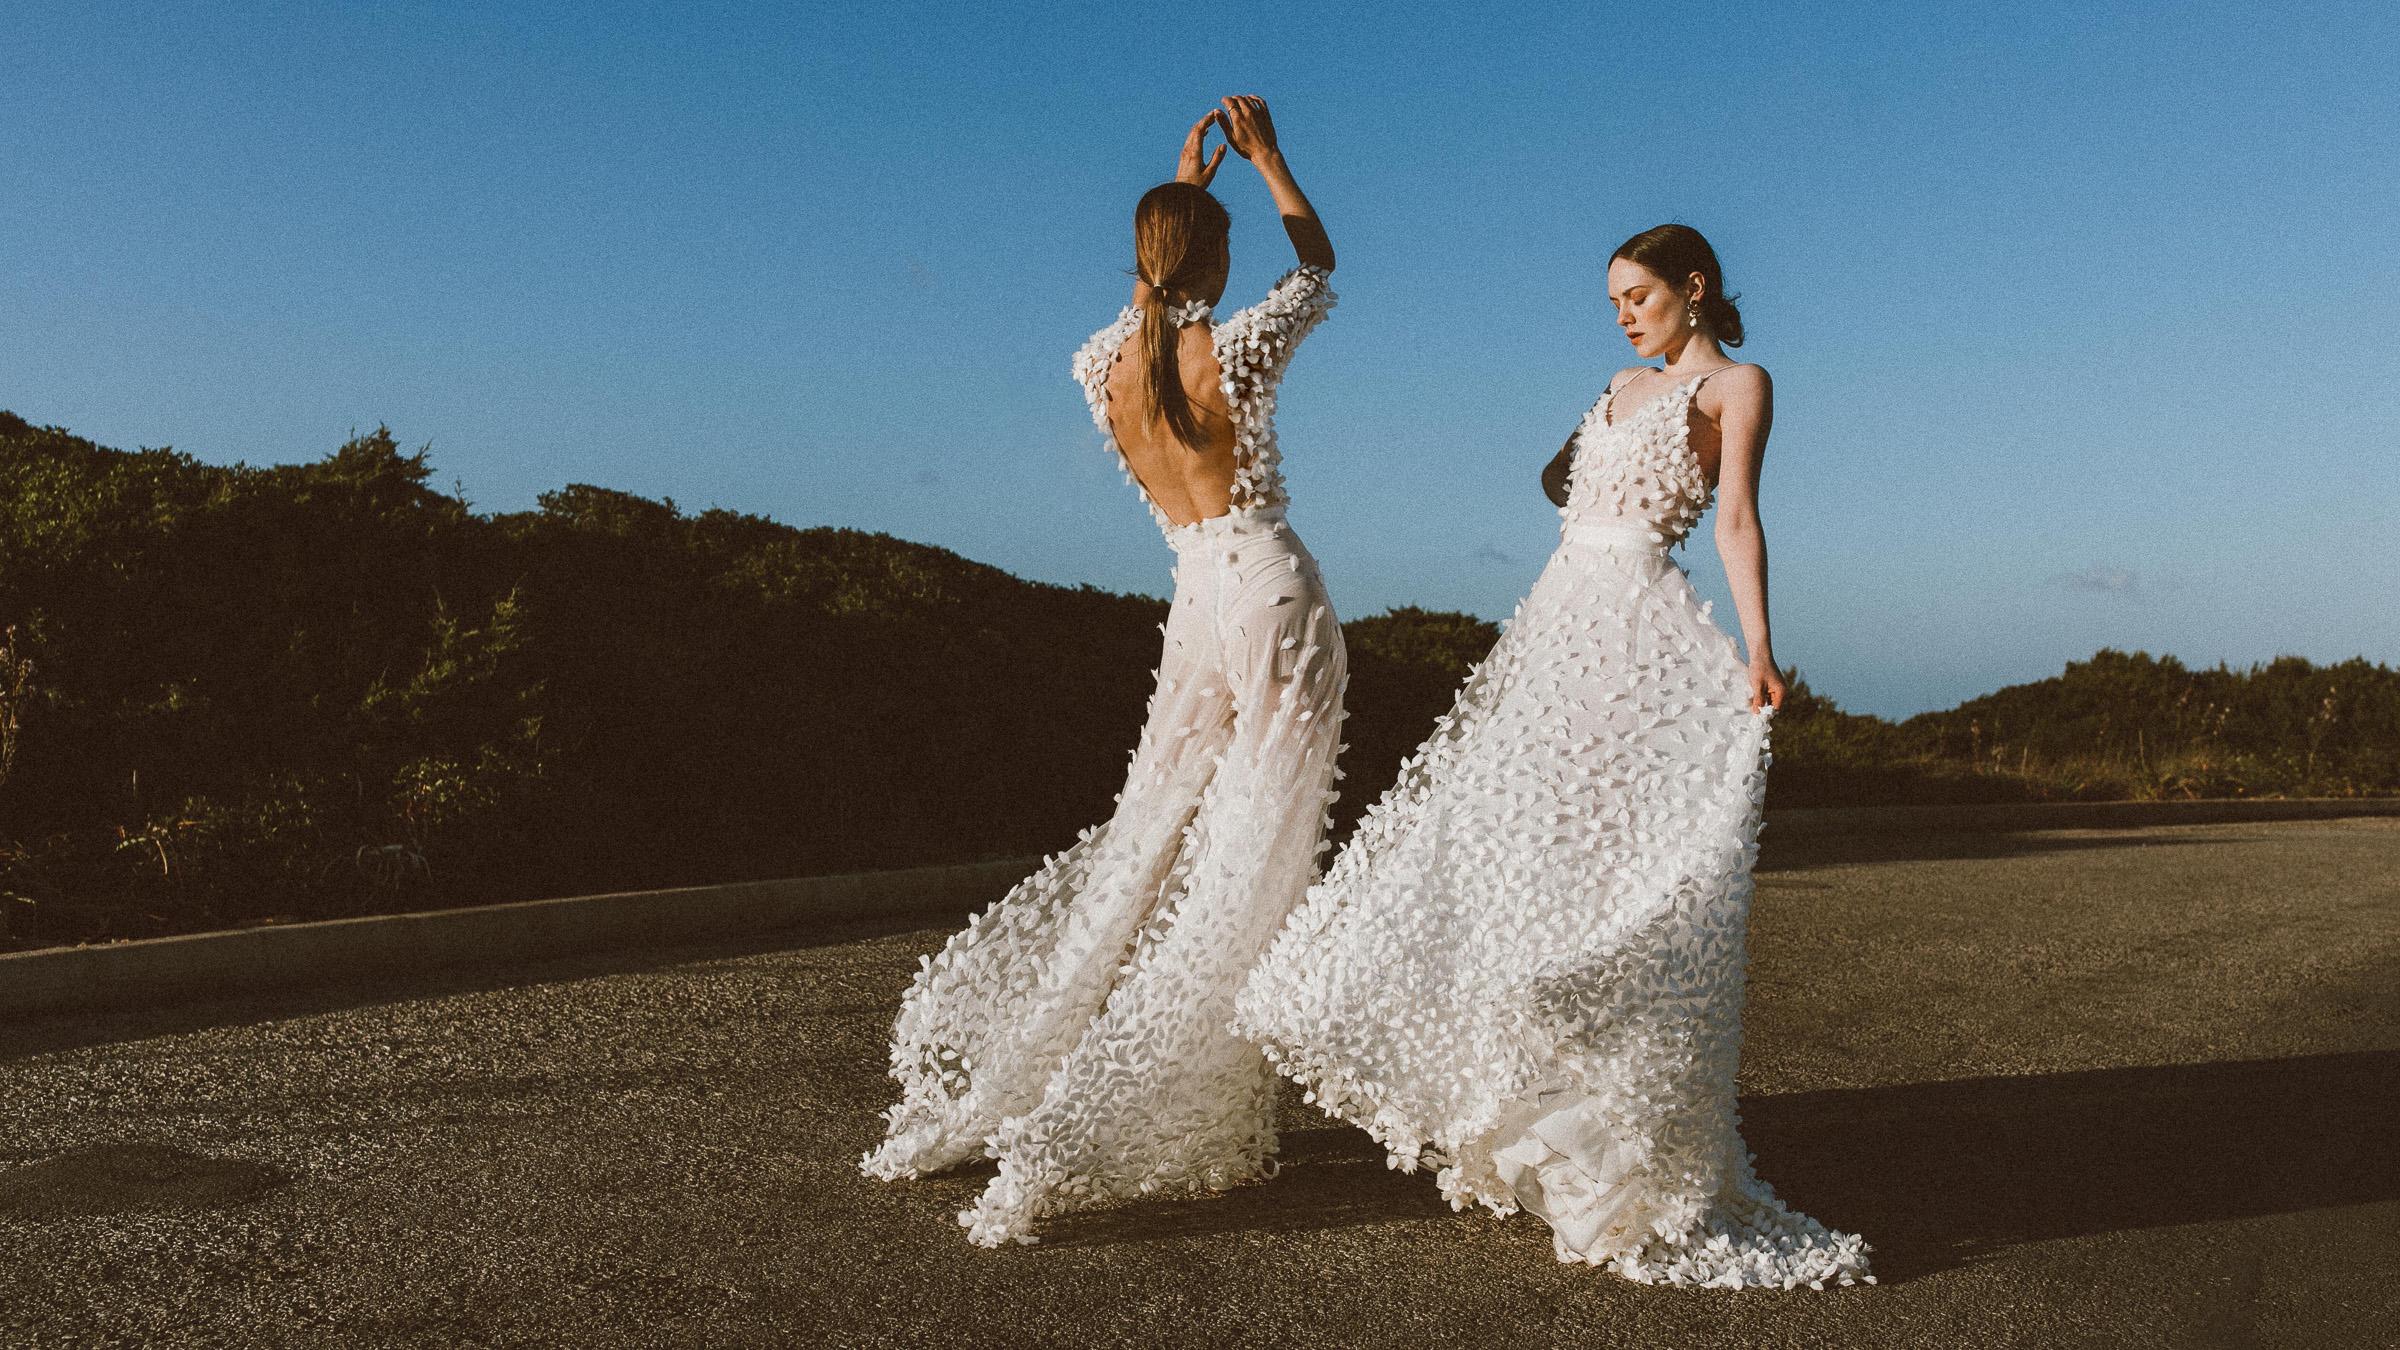 annikamaria weddingdress design 2020 collection